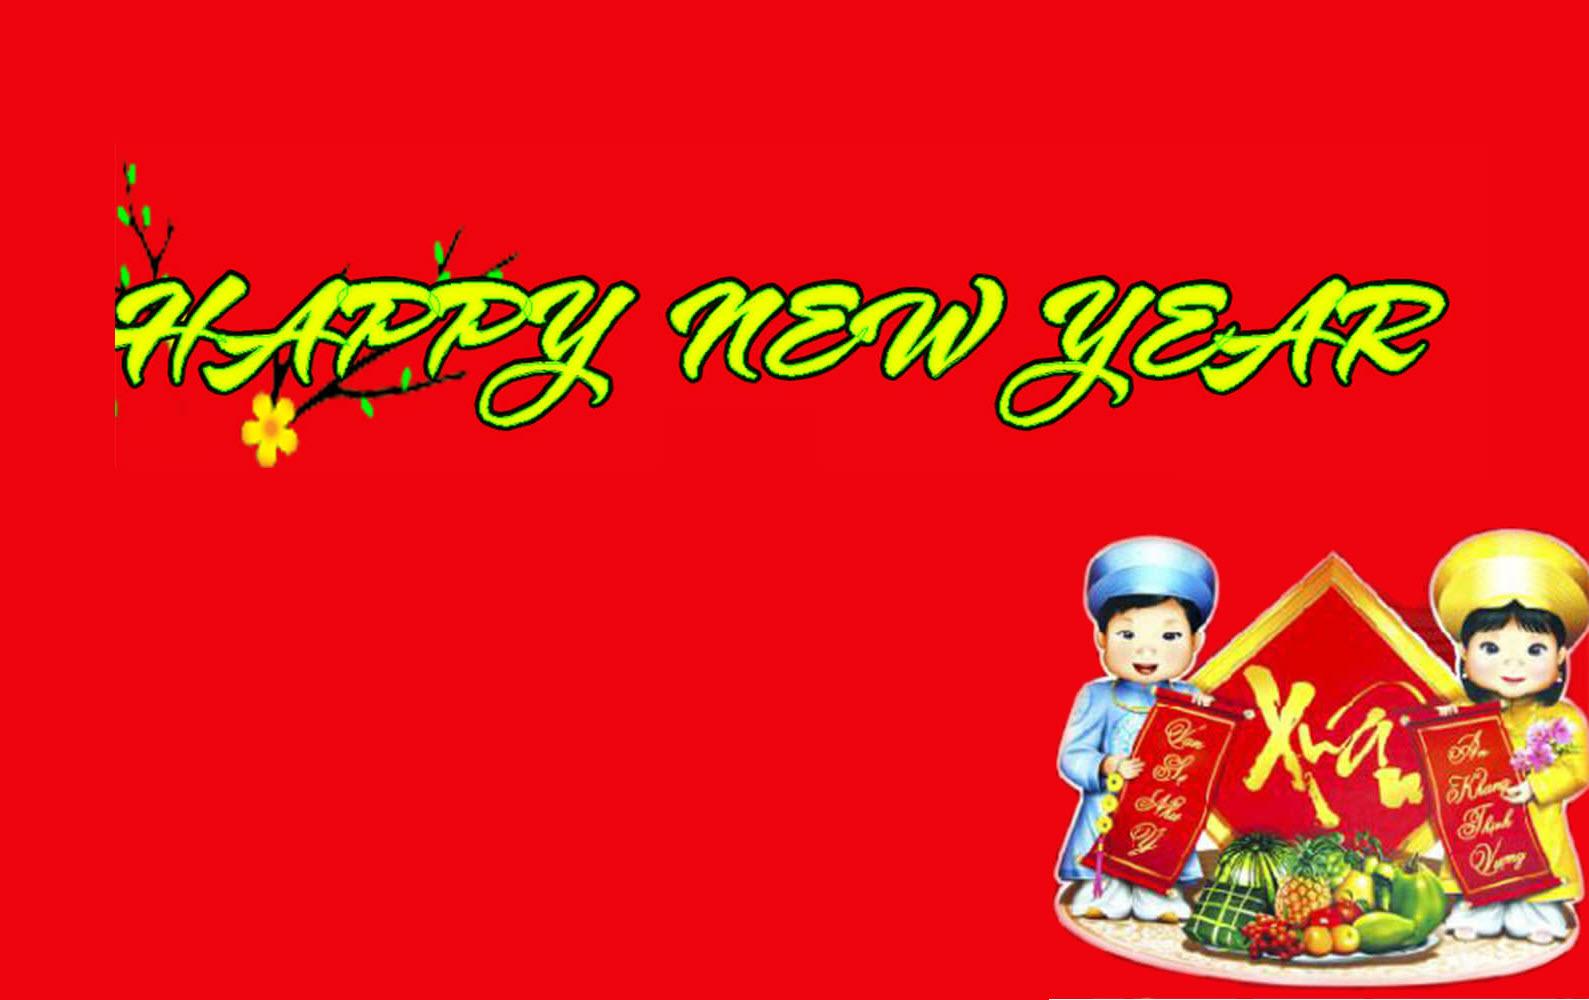 Ảnh đẹp nhất chúc mừng năm mới